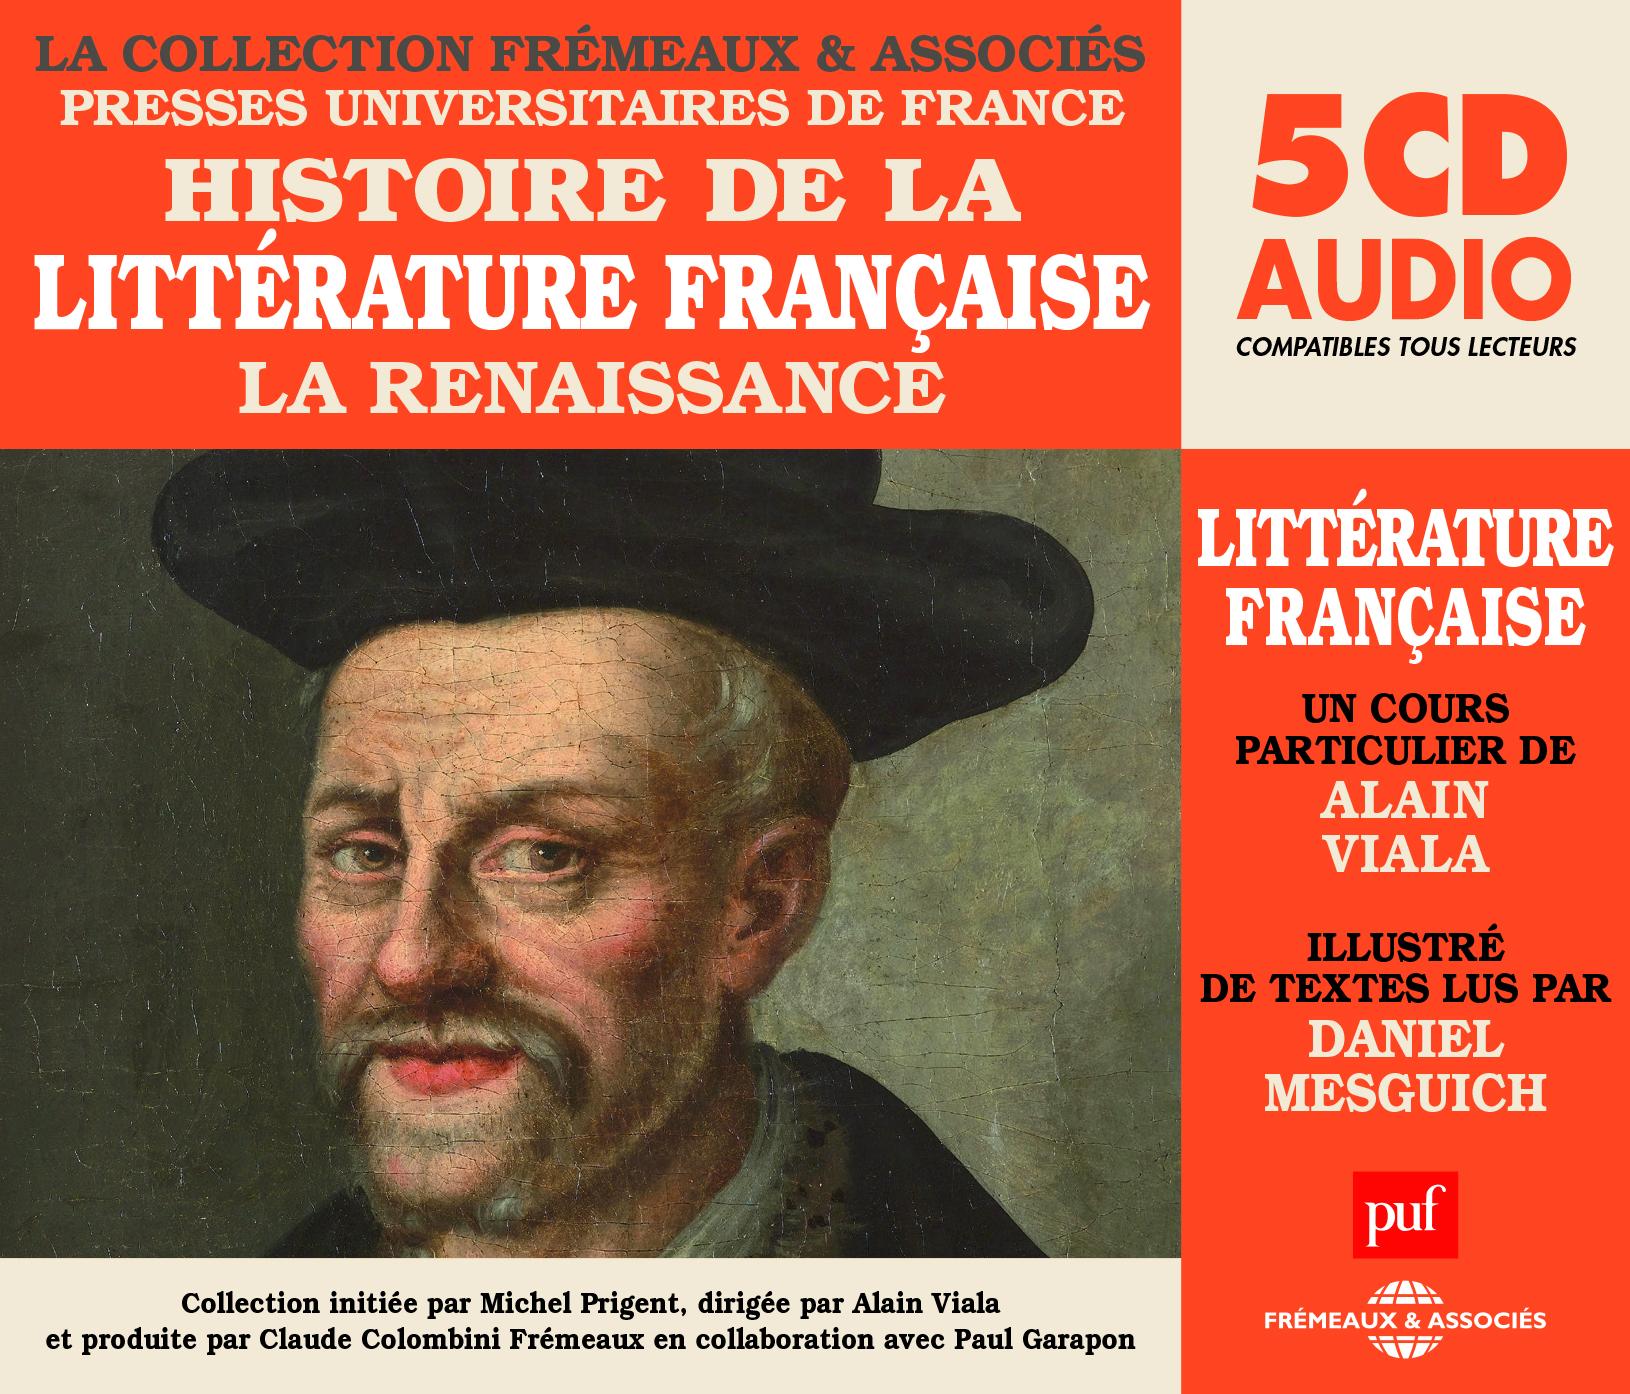 HISTOIRE DE LA LITTERATURE FRANCAISE VOL 2 (COLLECTION PUF-FREMEAUX) - LA RENAISSANCE - UN COURS PAR